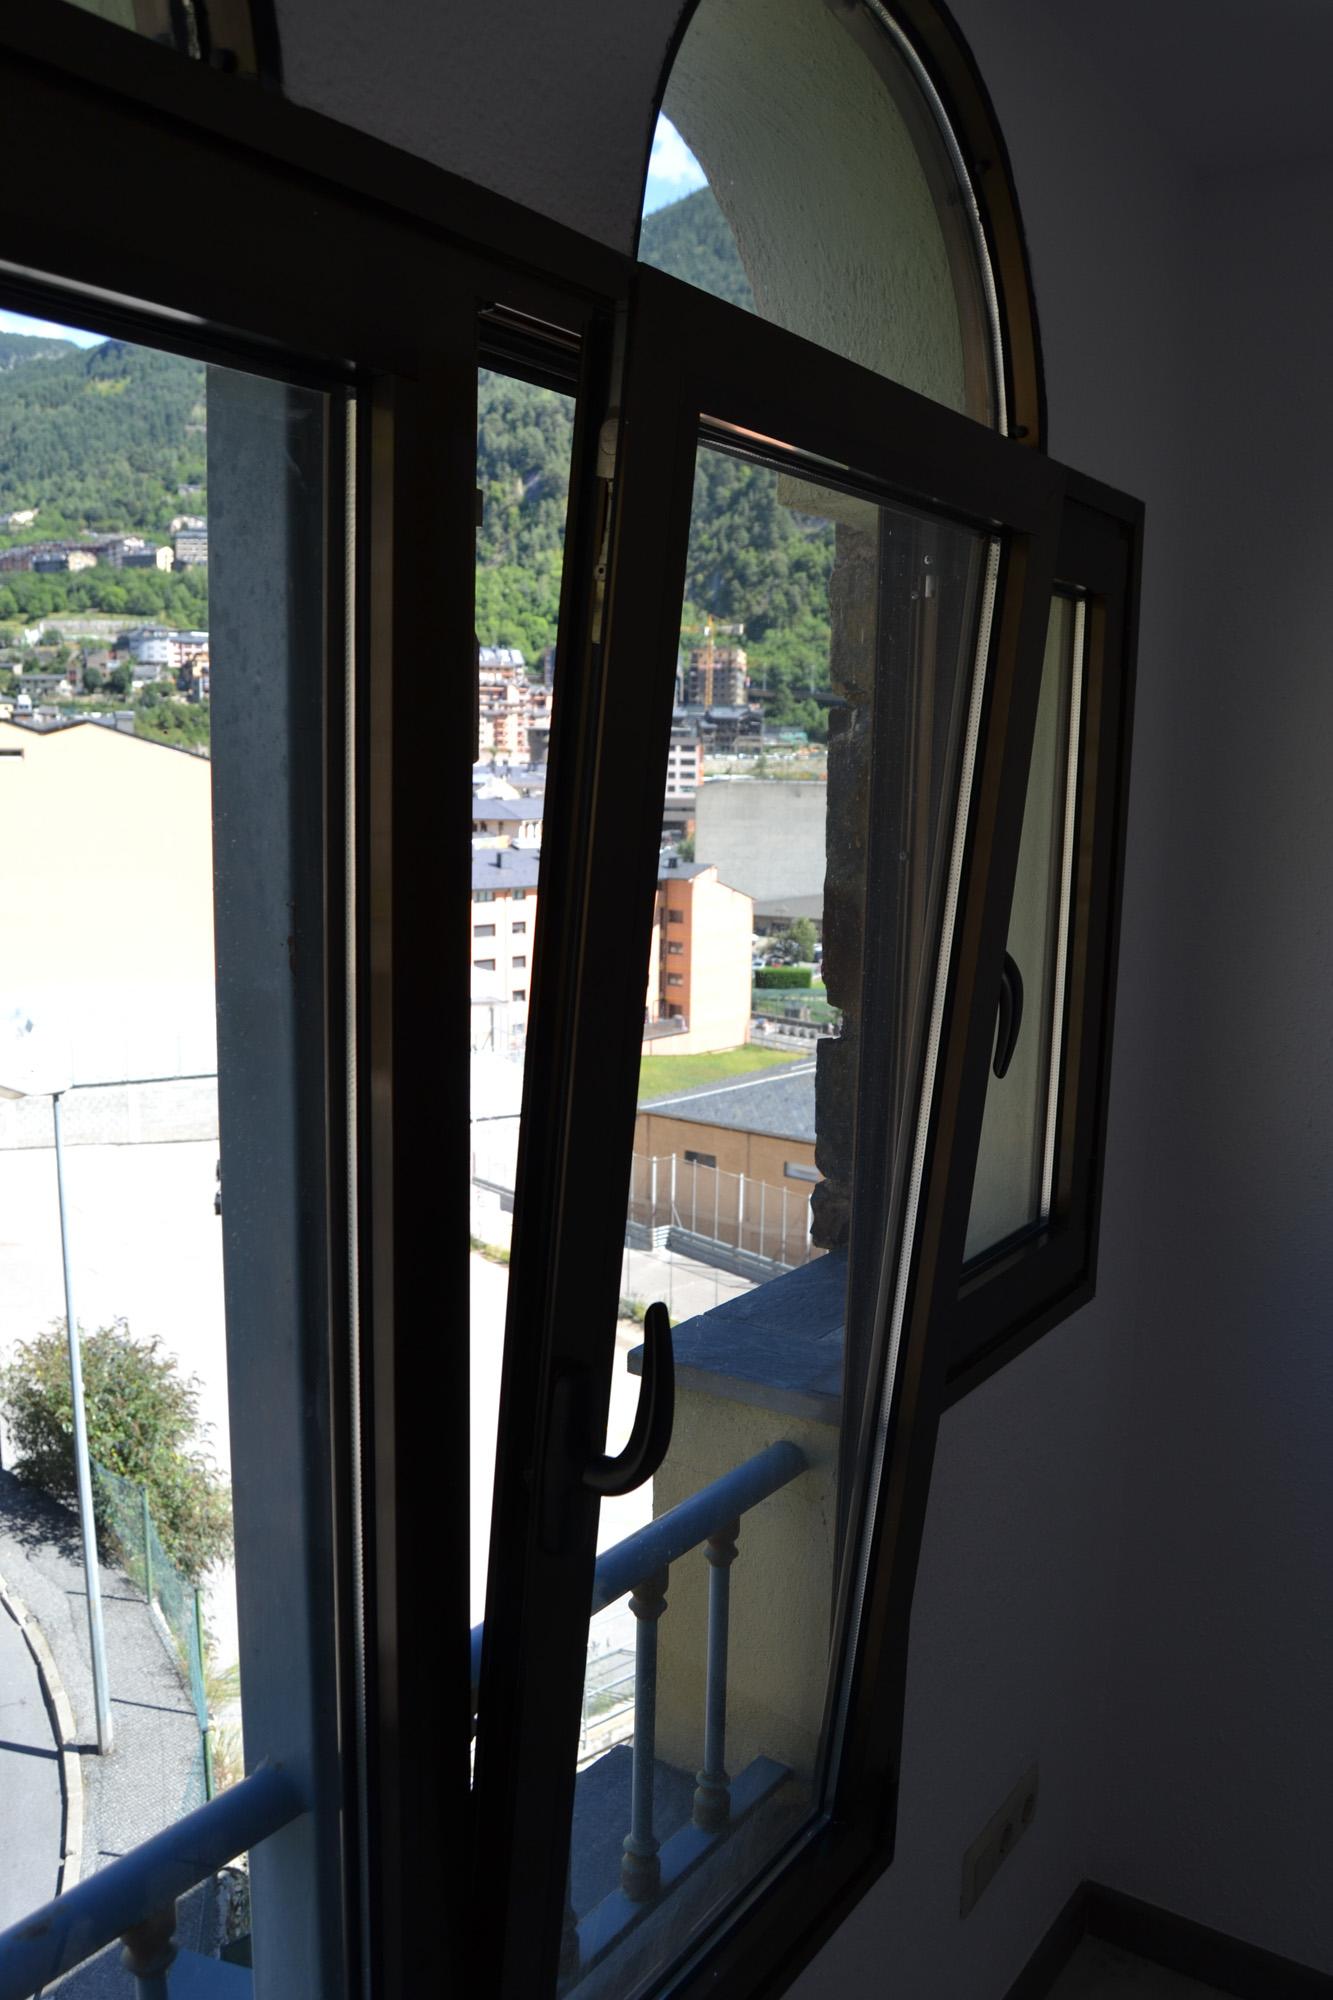 Pis en venda a Encamp, 2 habitacions, 75 metres